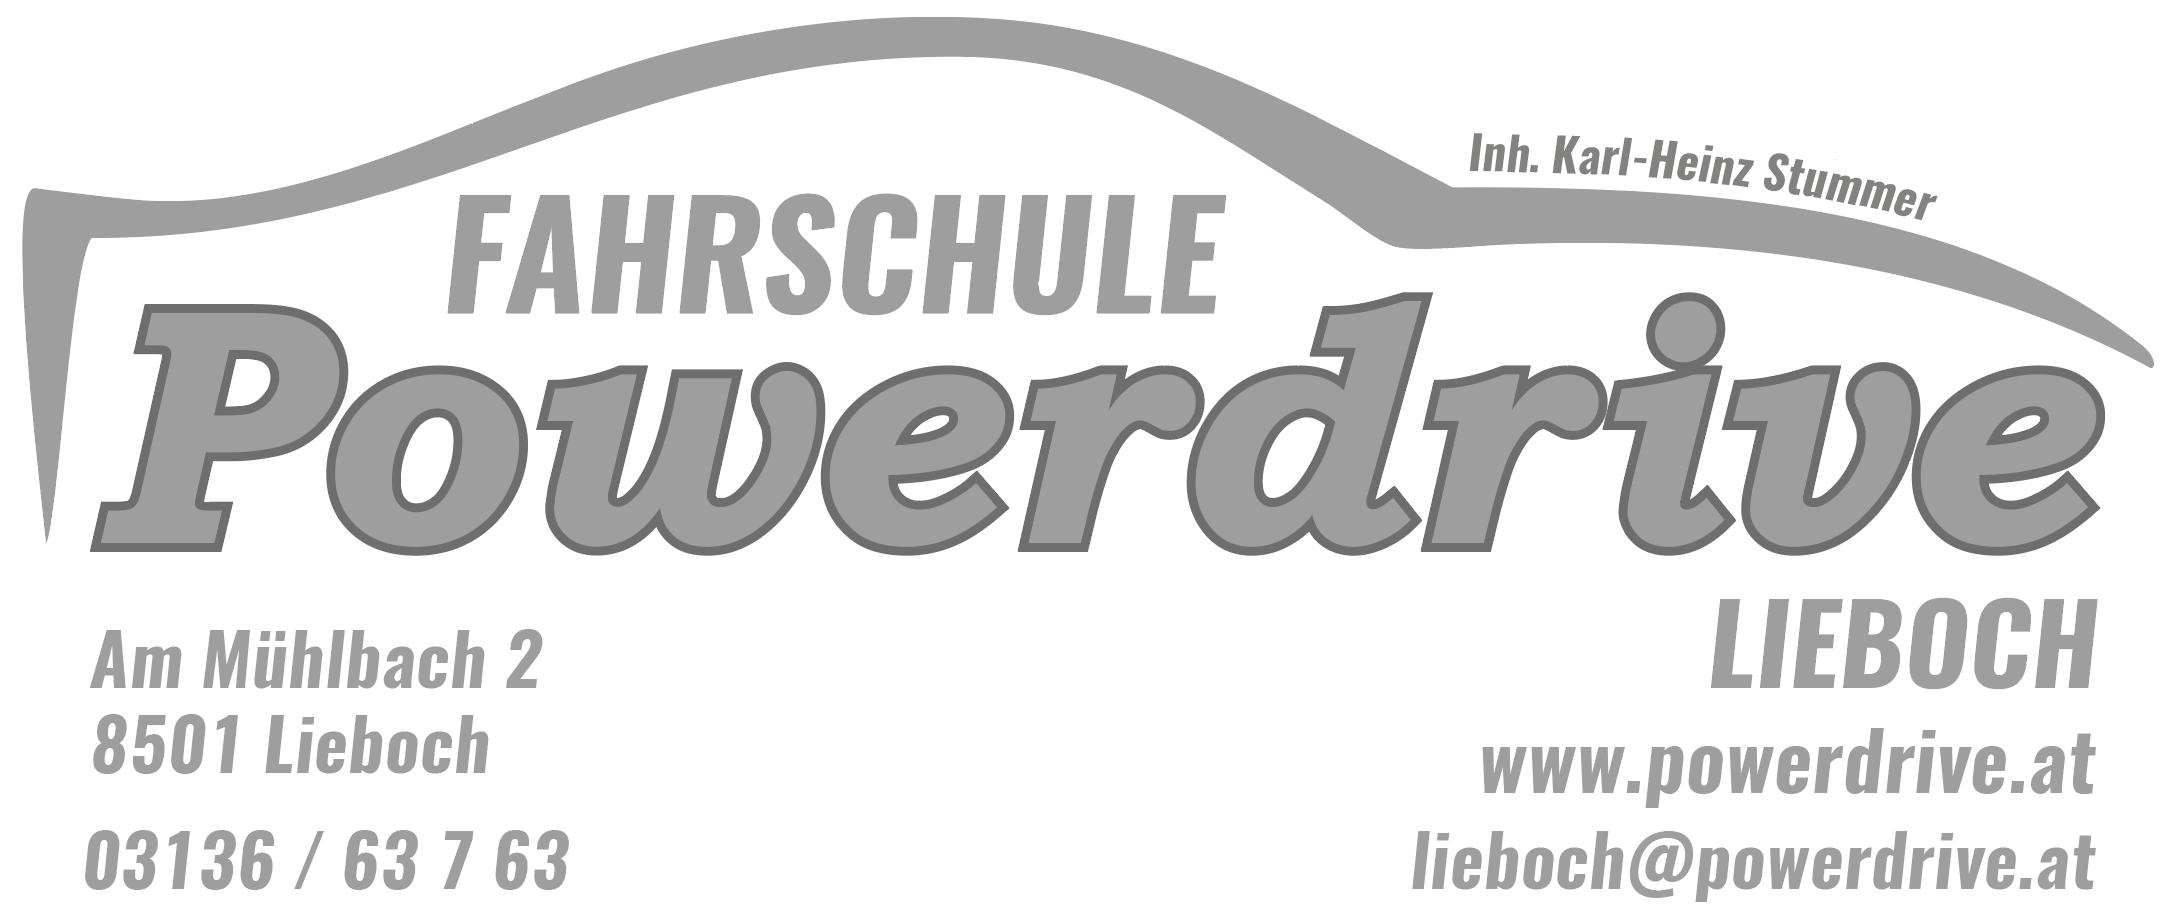 Fahrschule Powerdrive Lieboch